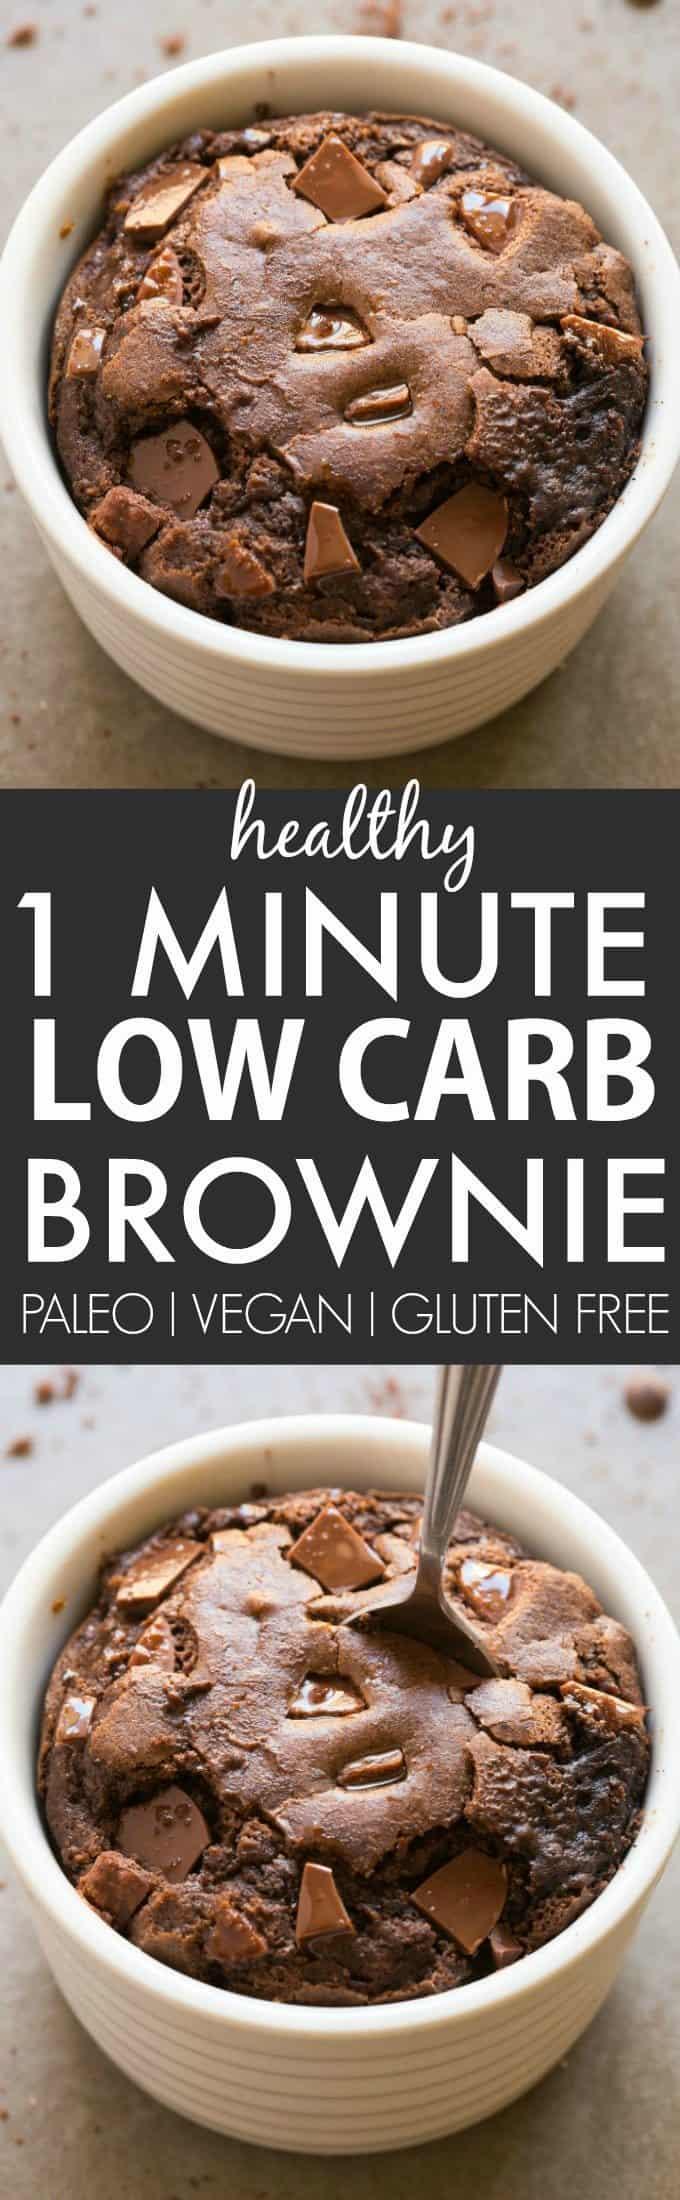 low carb brownie mug cake recipe